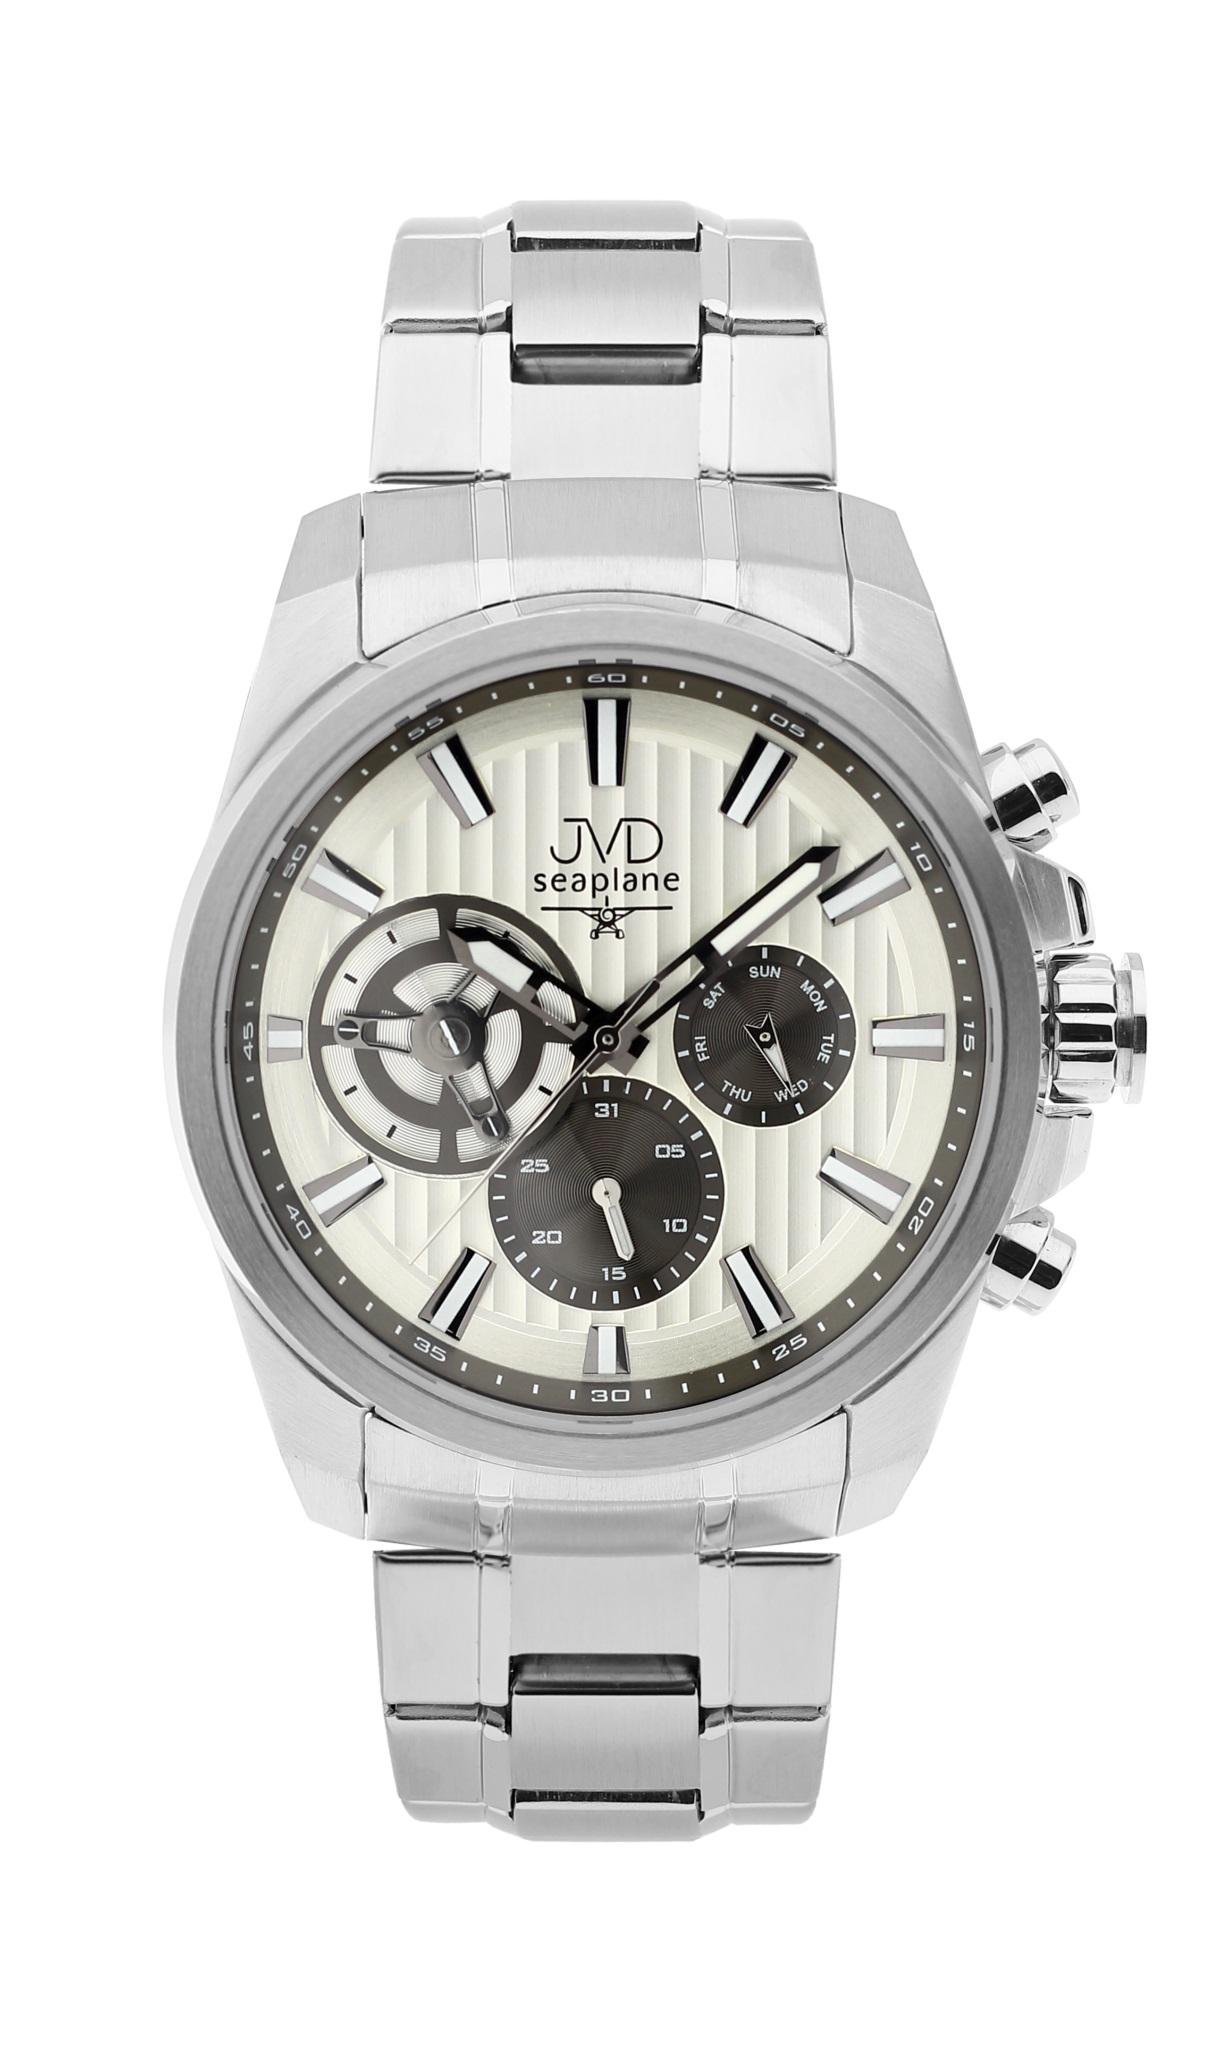 Pánské luxusní vodotěsné chronografy hodinky JVD seaplane W83.1 - 10ATM stopky